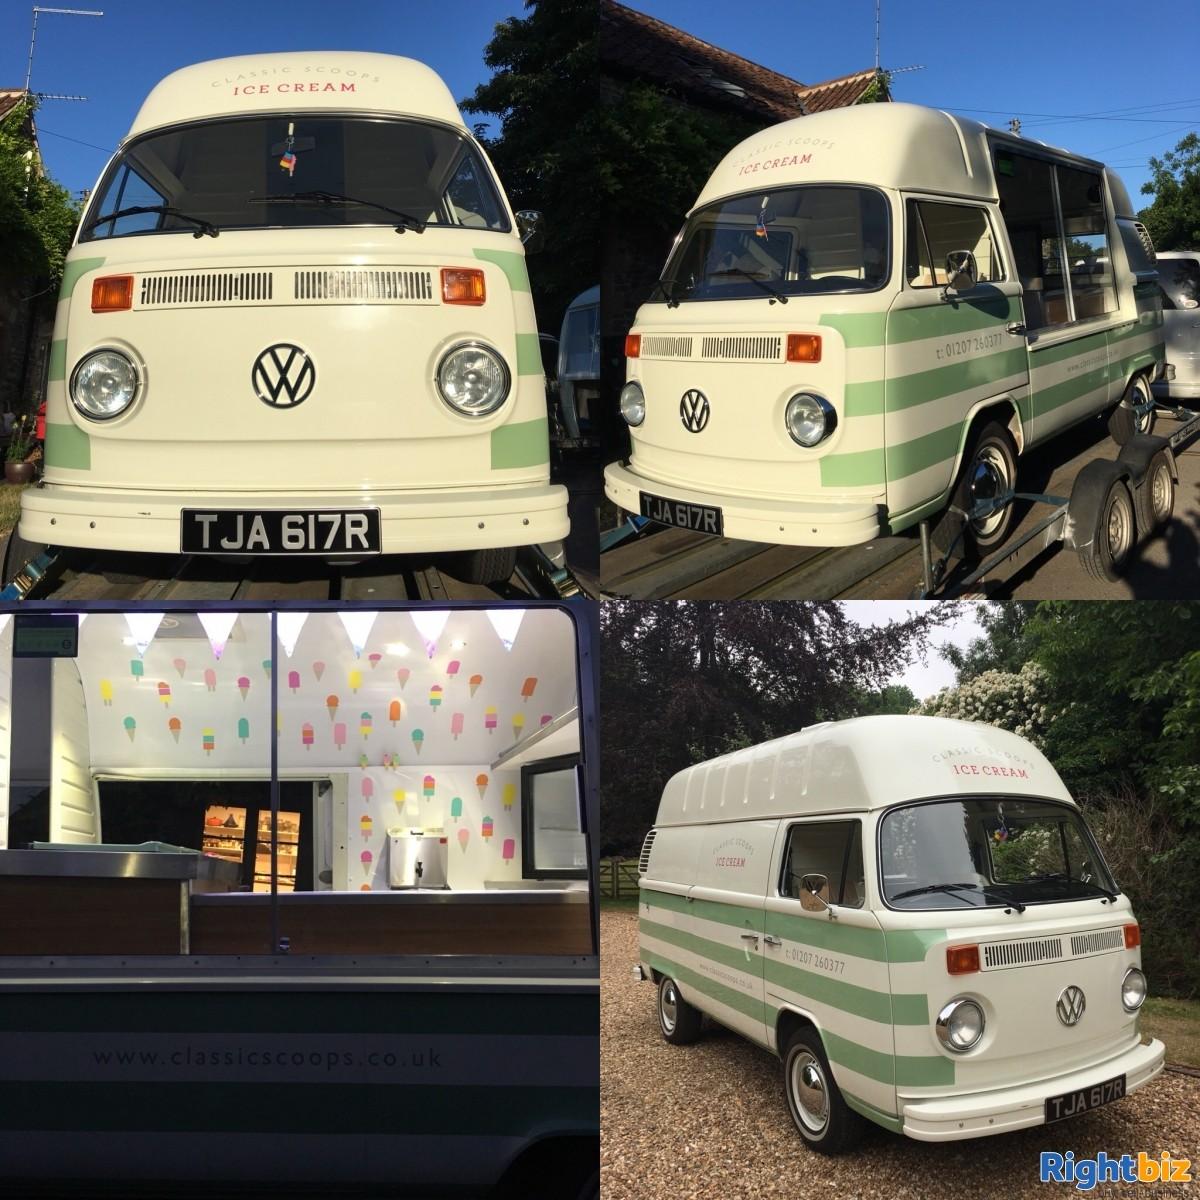 Vintage VW Ice Cream Van business x 3 units - The Split Screen Ice Cream Co. - Image 3